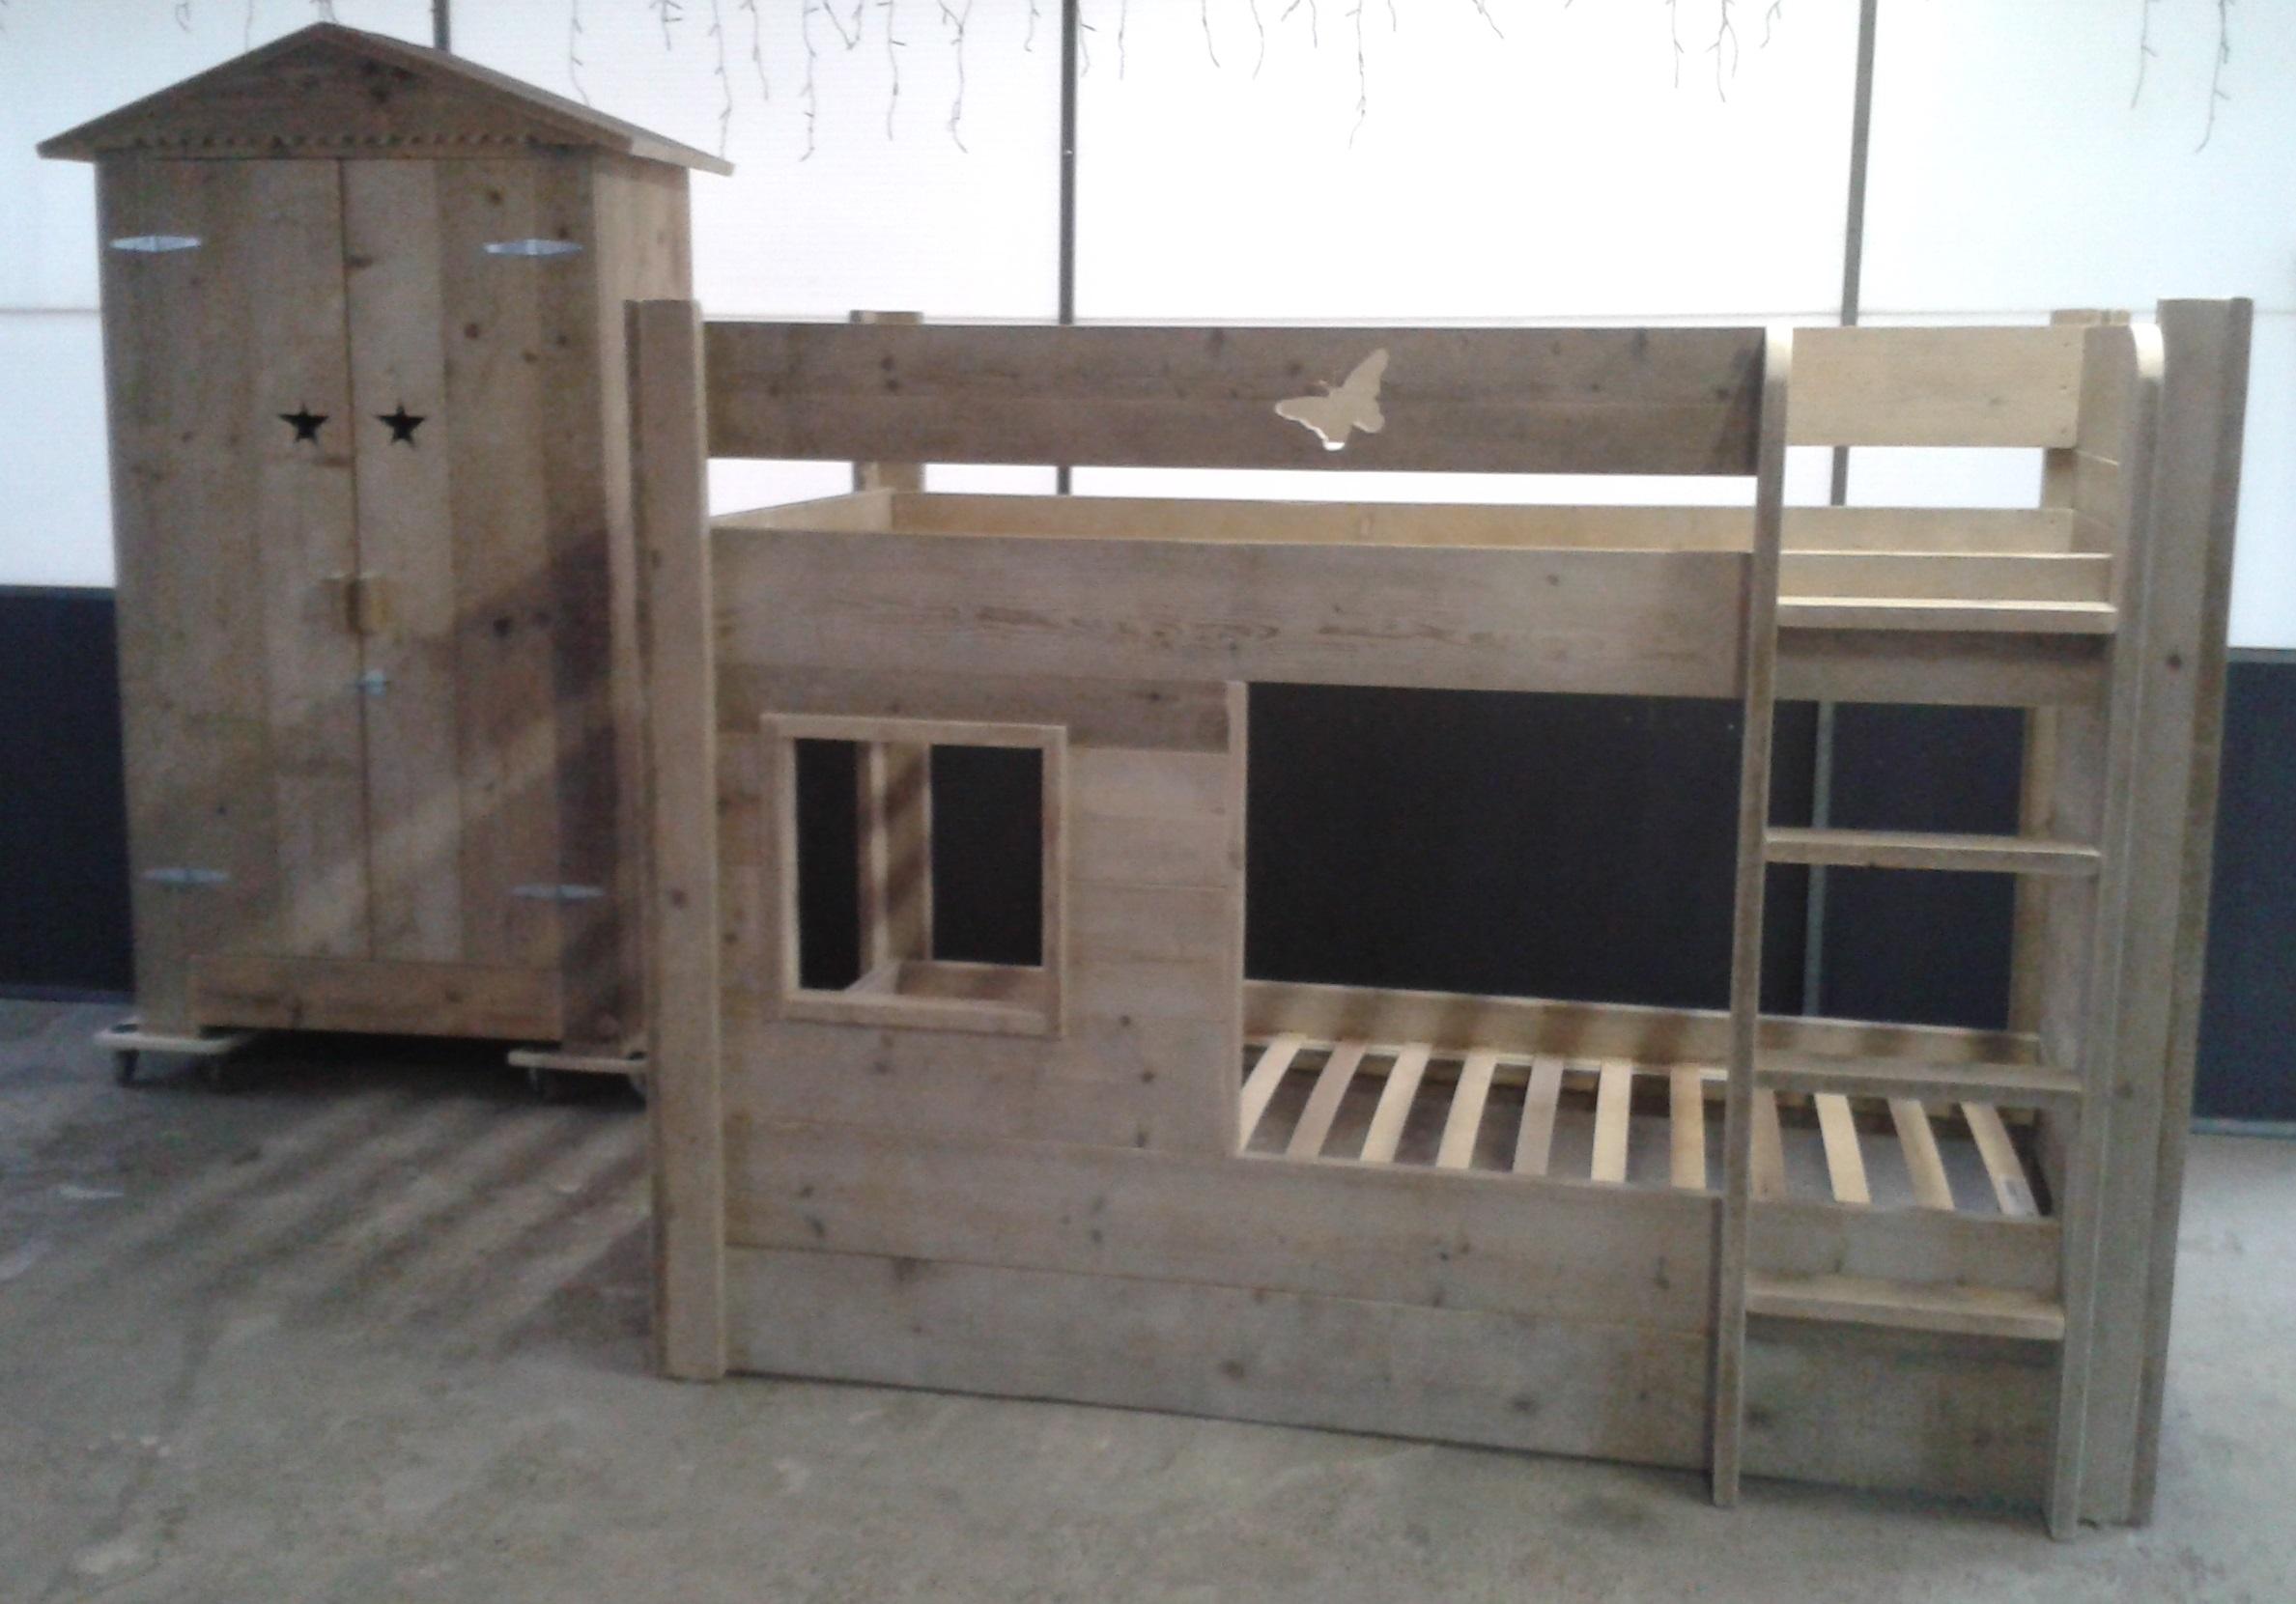 Stapelbed speelhuisje hoogslaper van gebruikt steigerhout - Stapelbed met geintegreerd bureau ...